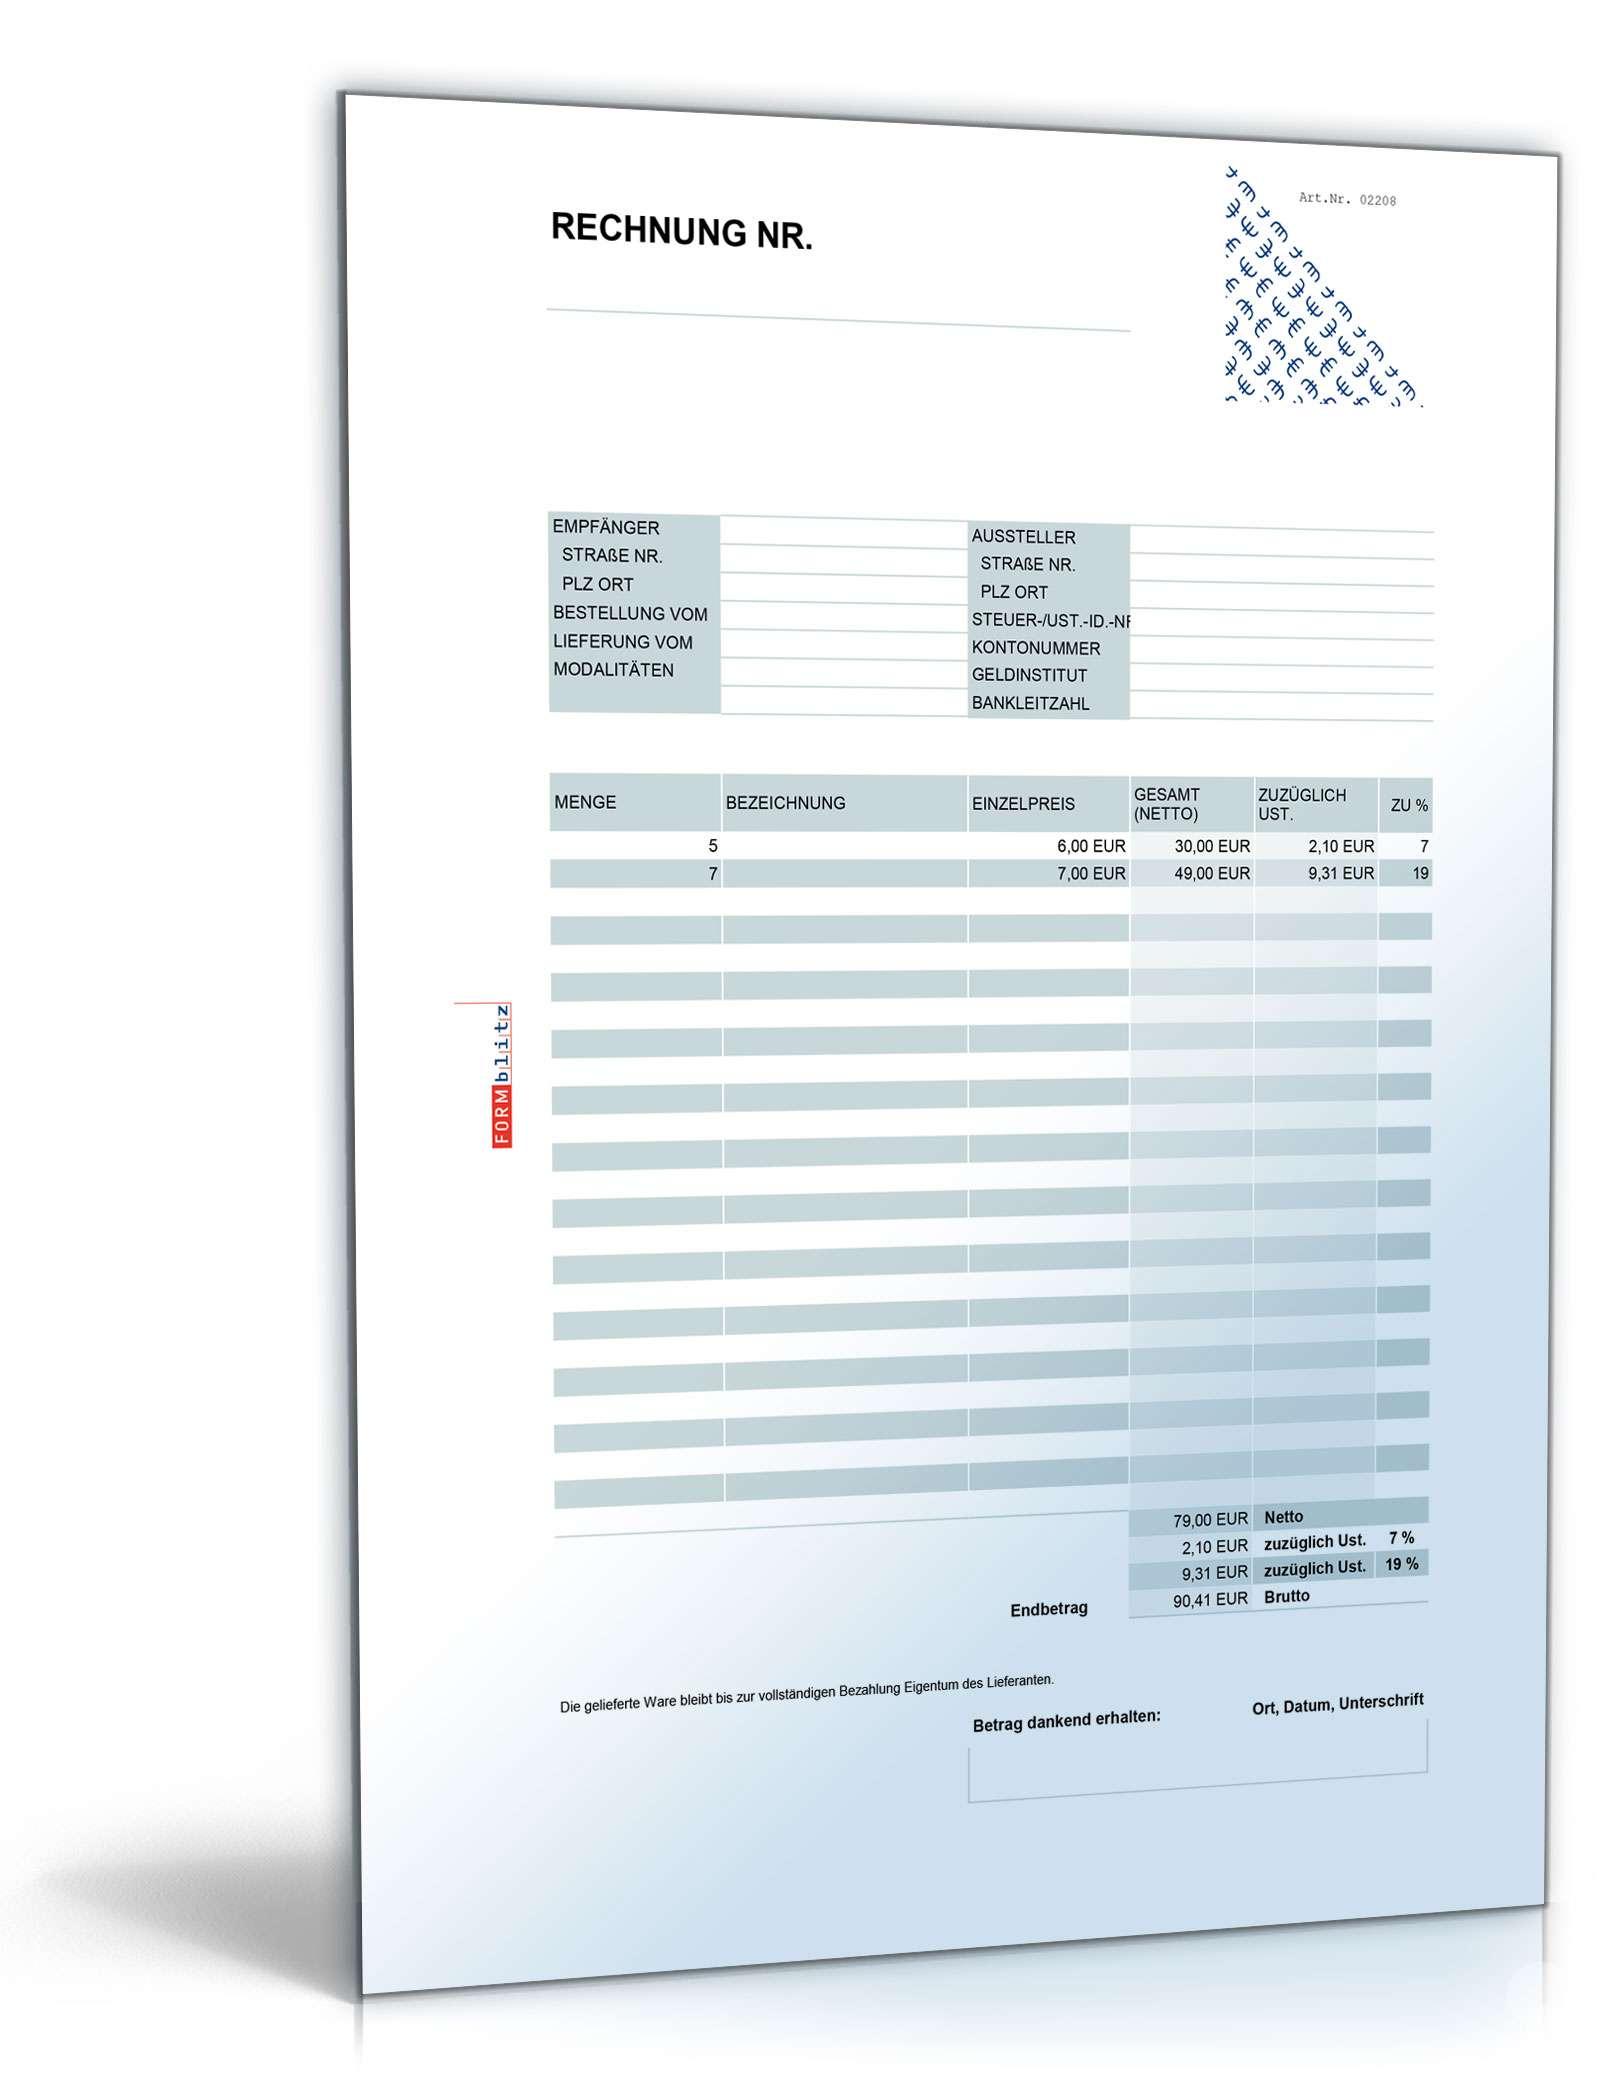 Rechnung Netto Umsatzsteuer Variabel Muster Zum Download